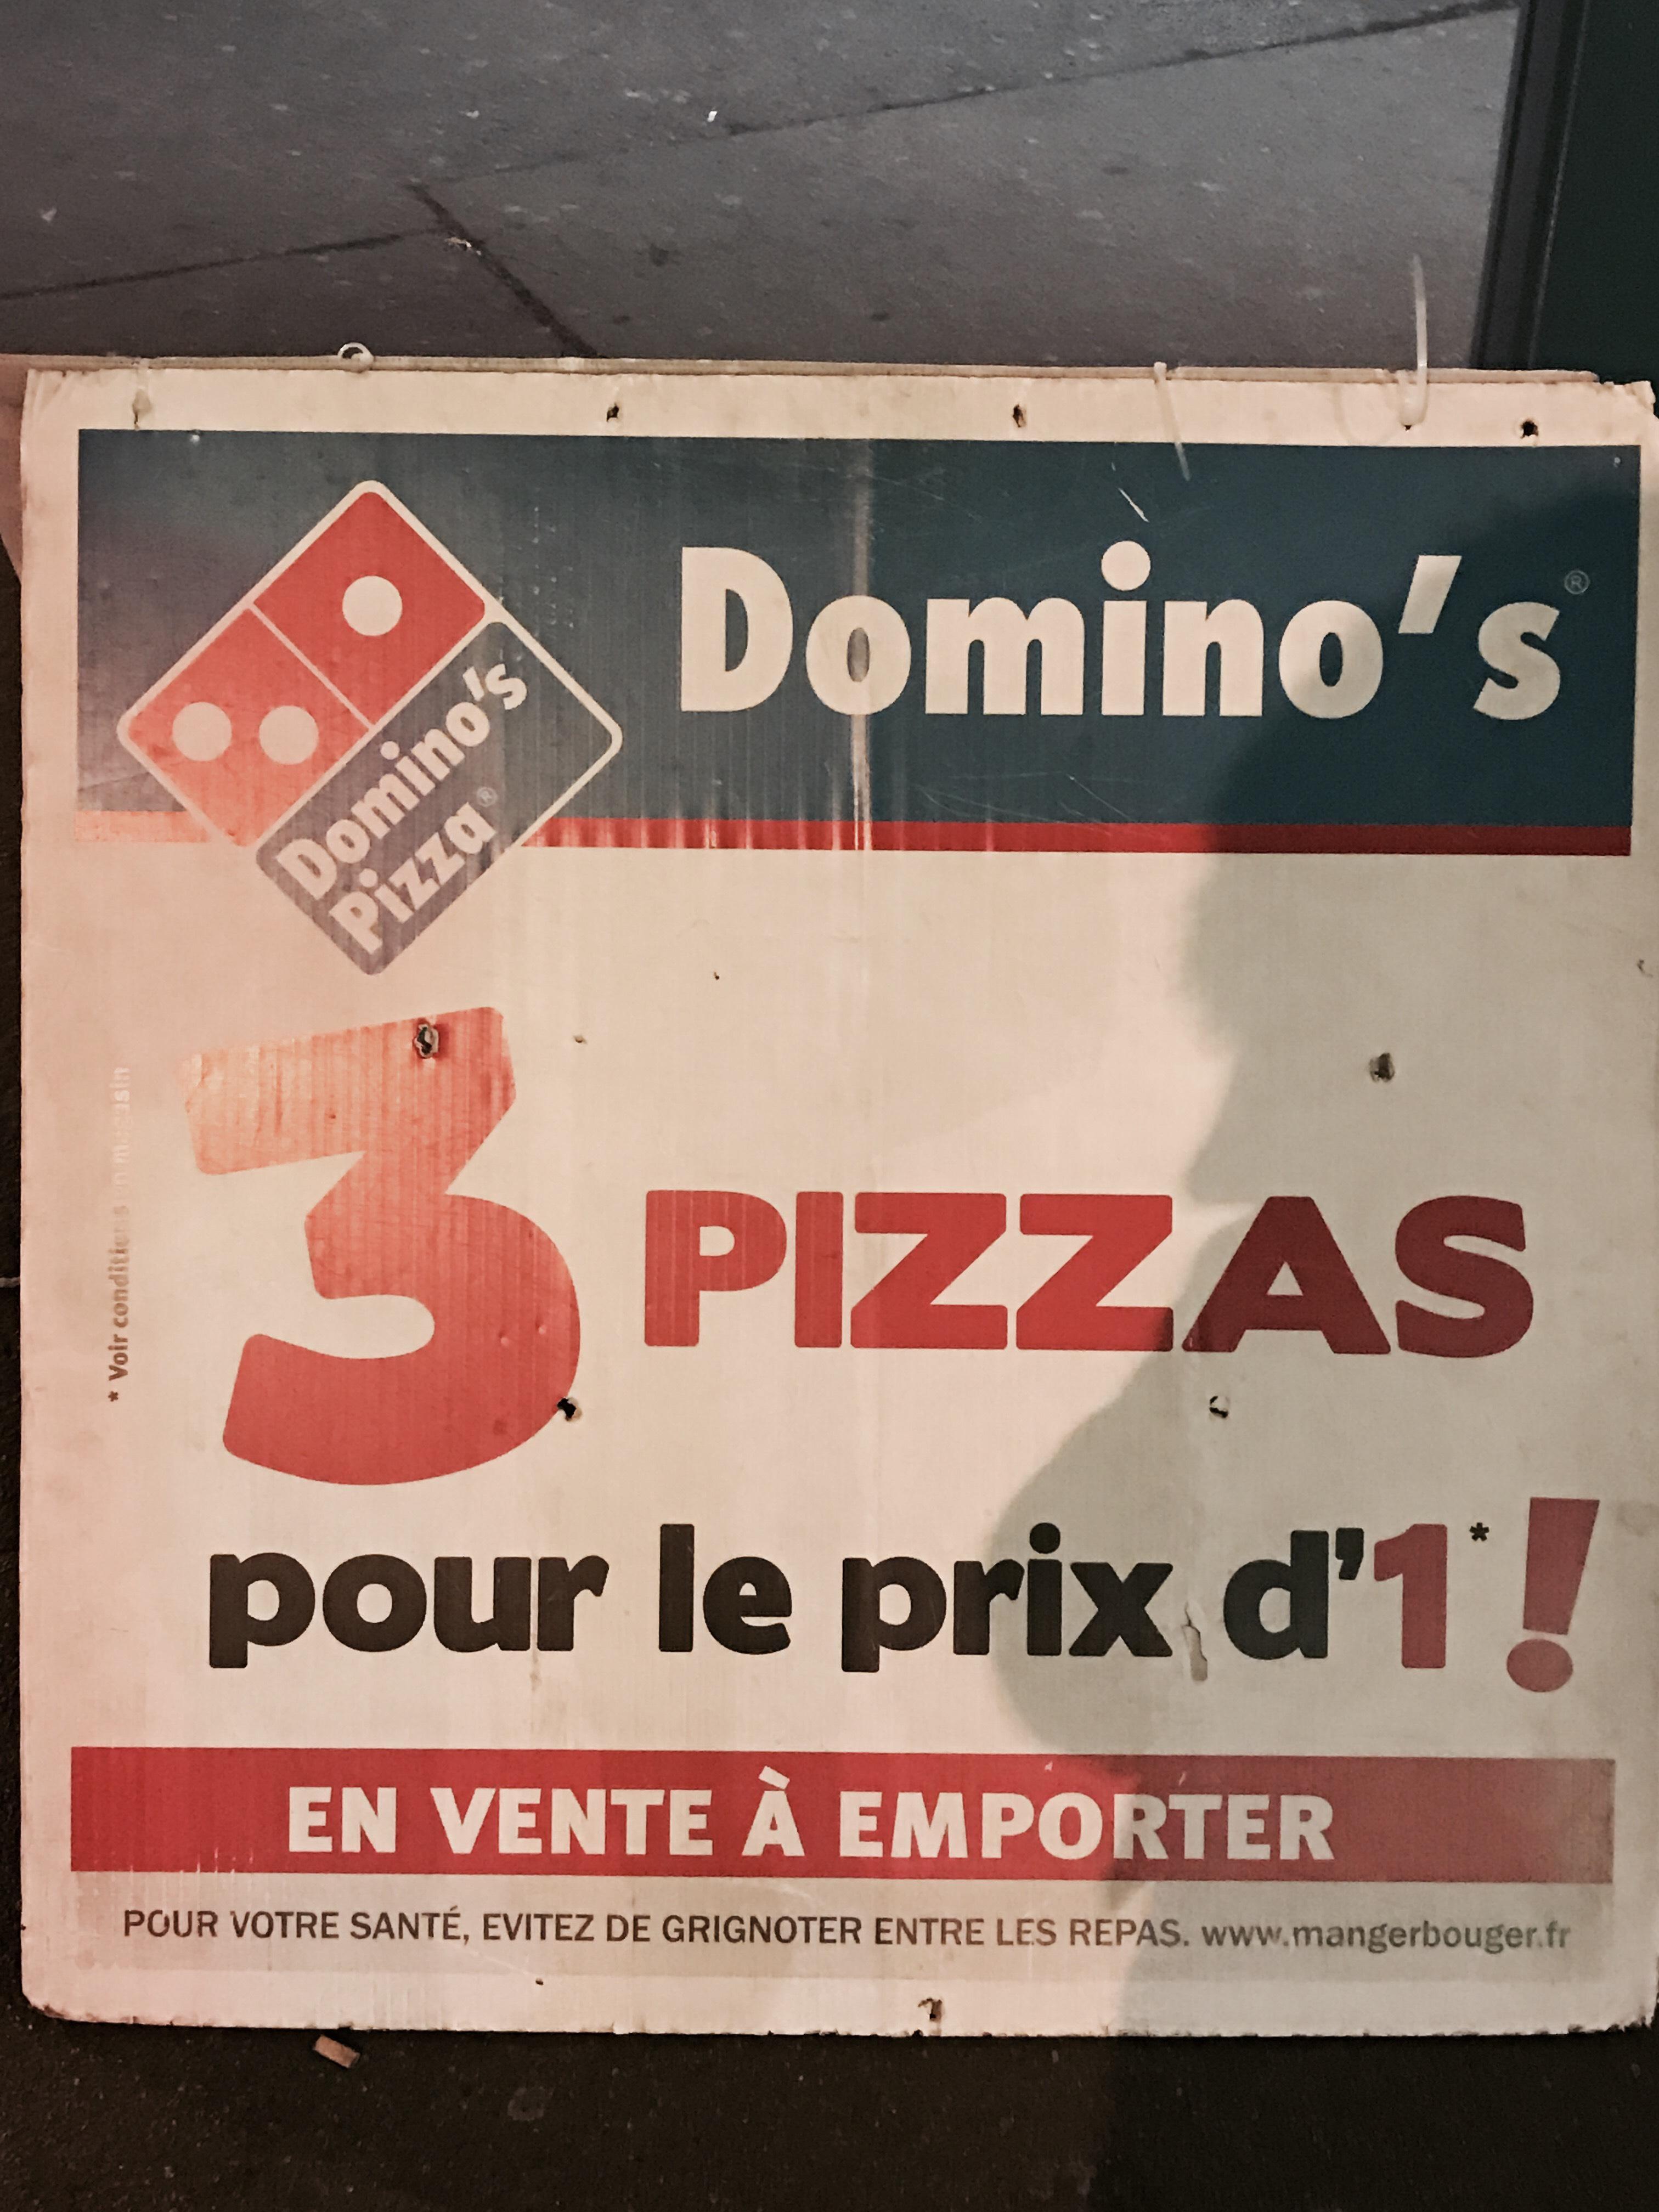 3 pizzas pour le prix d'une à emporter